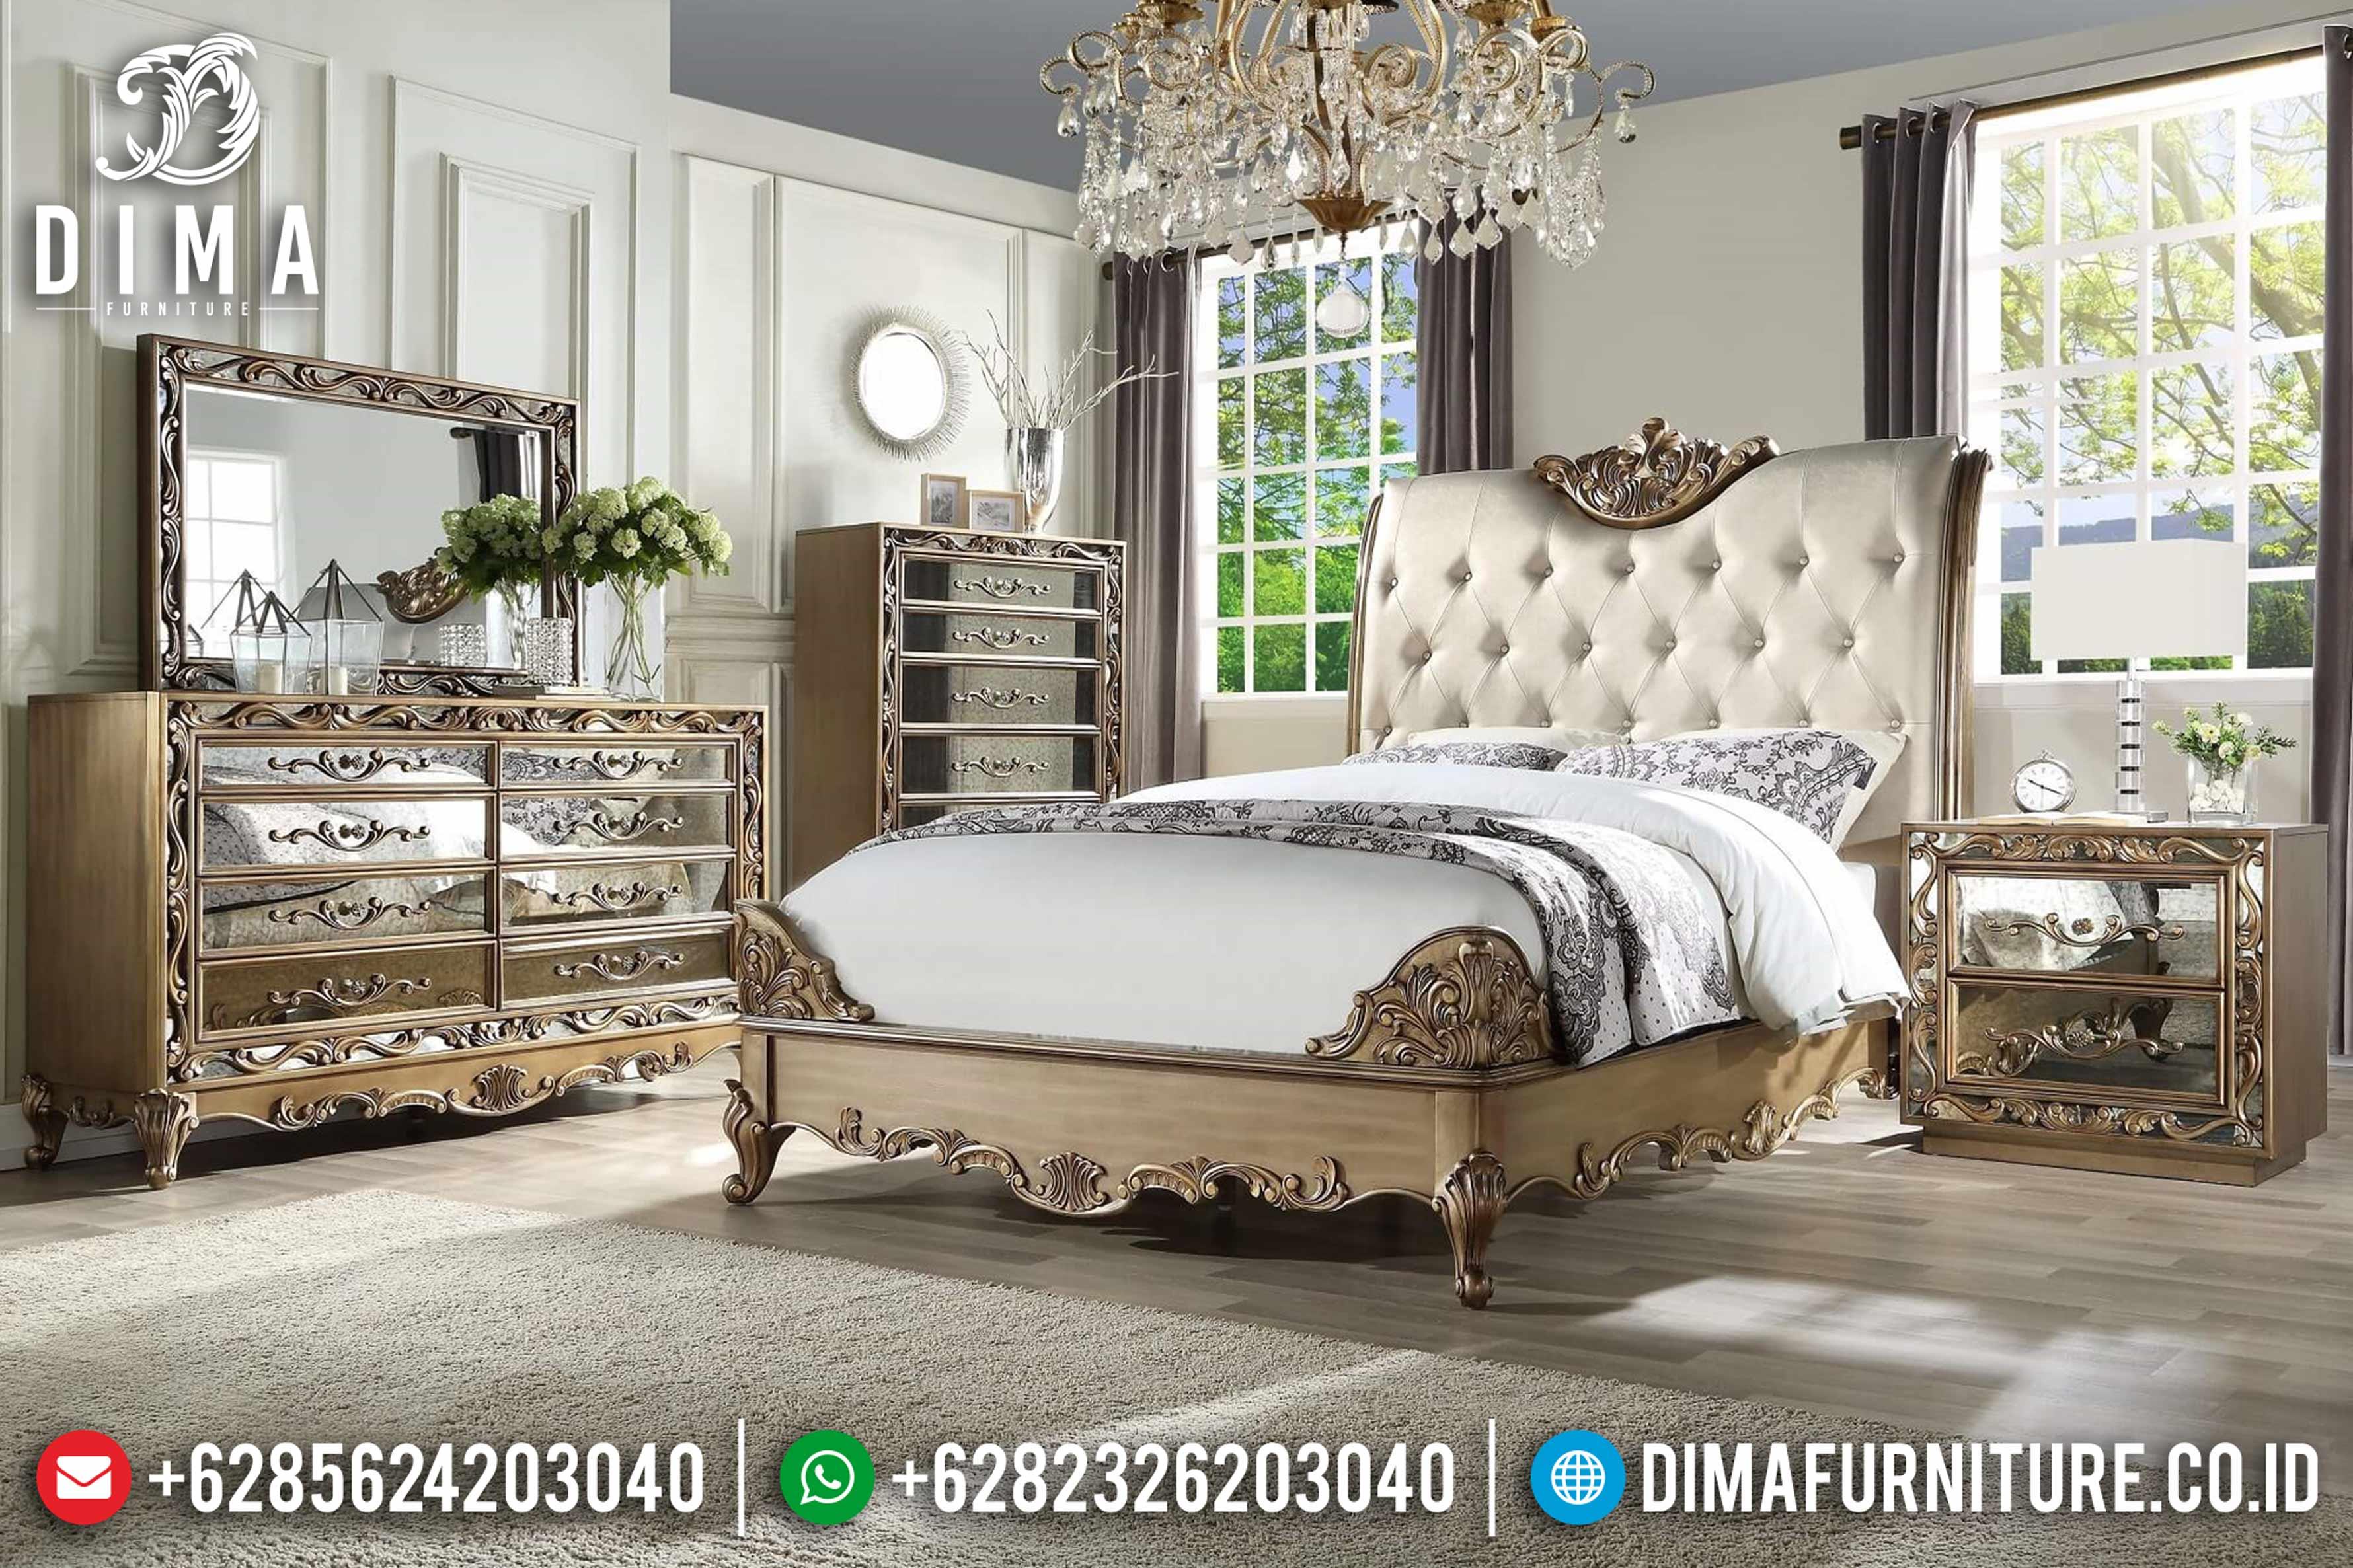 20+ Tempat Tidur Jepara Mewah Dan Minimalis Pilihan Tahun 2019 022 Dima Furniture Jepara